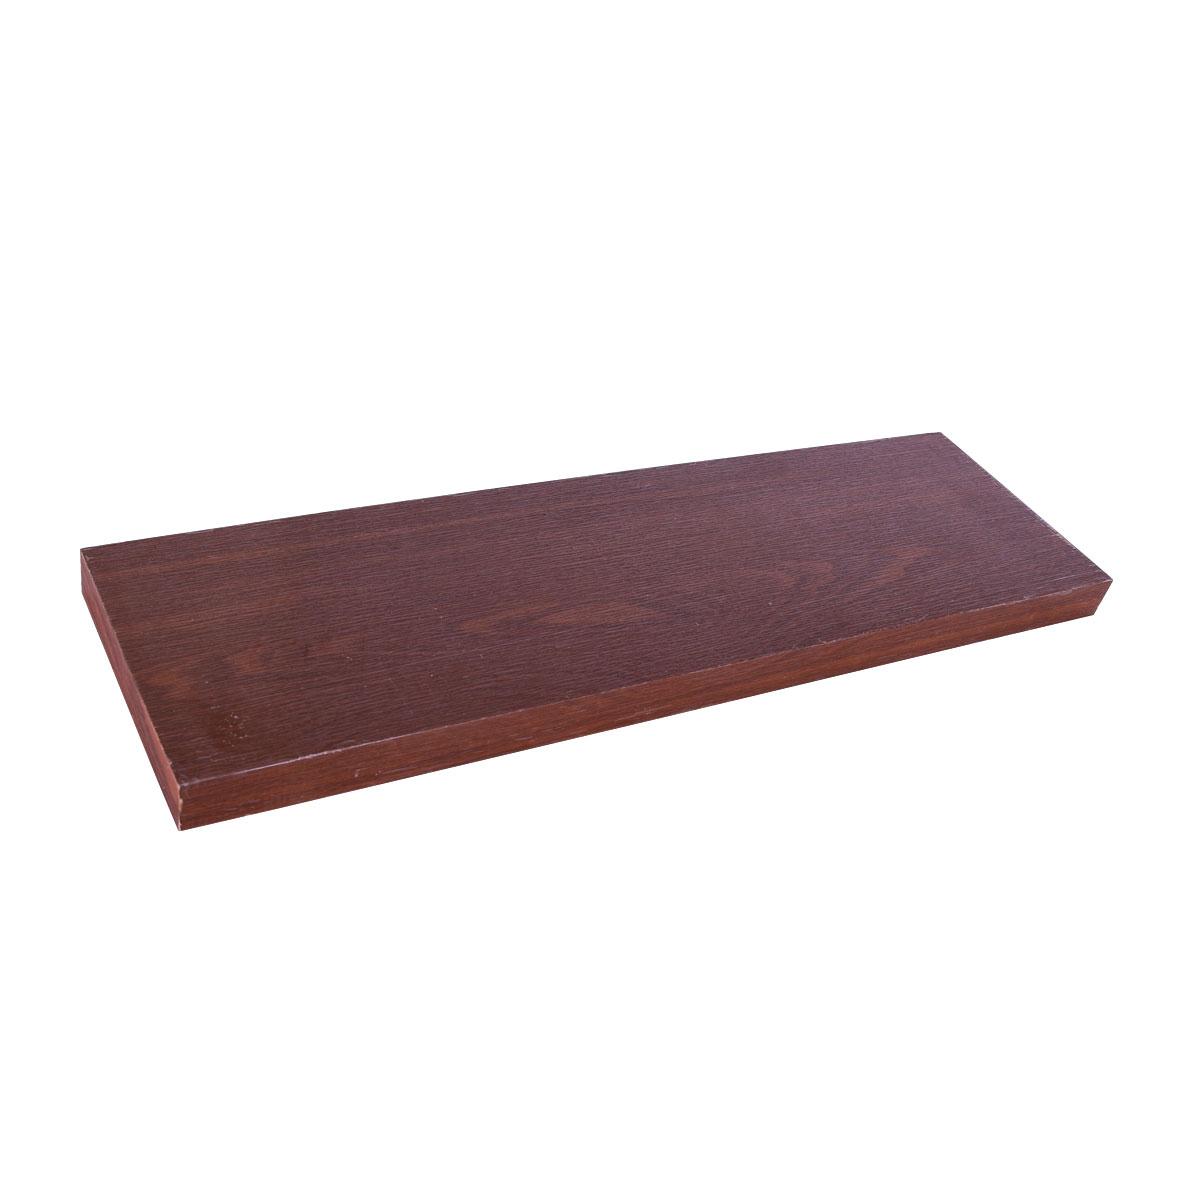 رف خشب جداري   -  80 * 23.5 سم لون بني - من ماي مارت